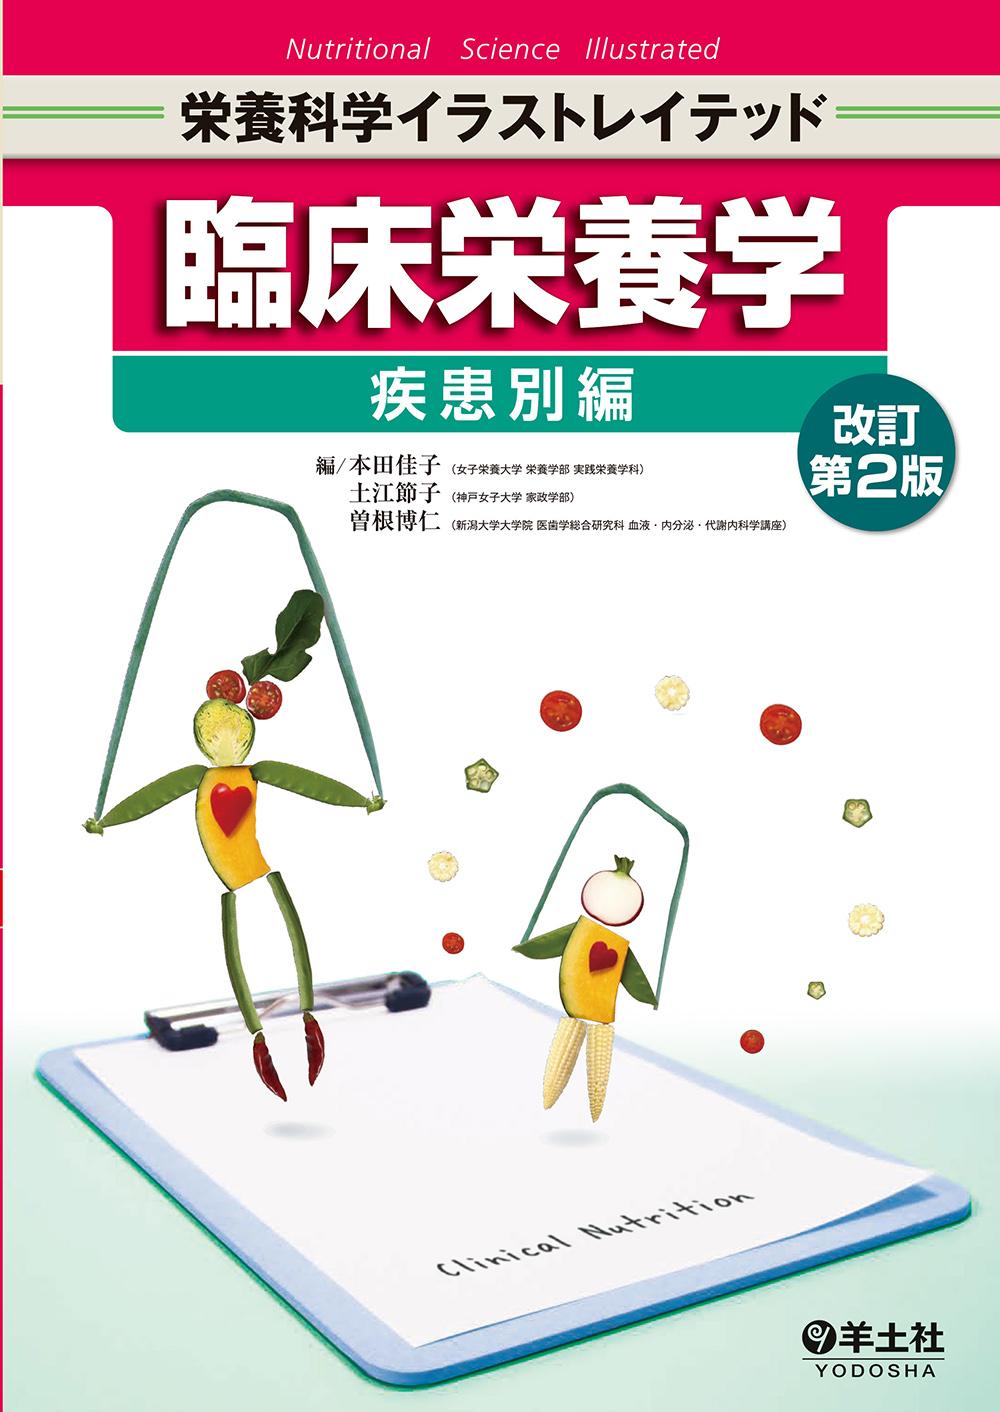 臨床栄養学 疾患別編 改訂第2版【電子版】   医書.jp